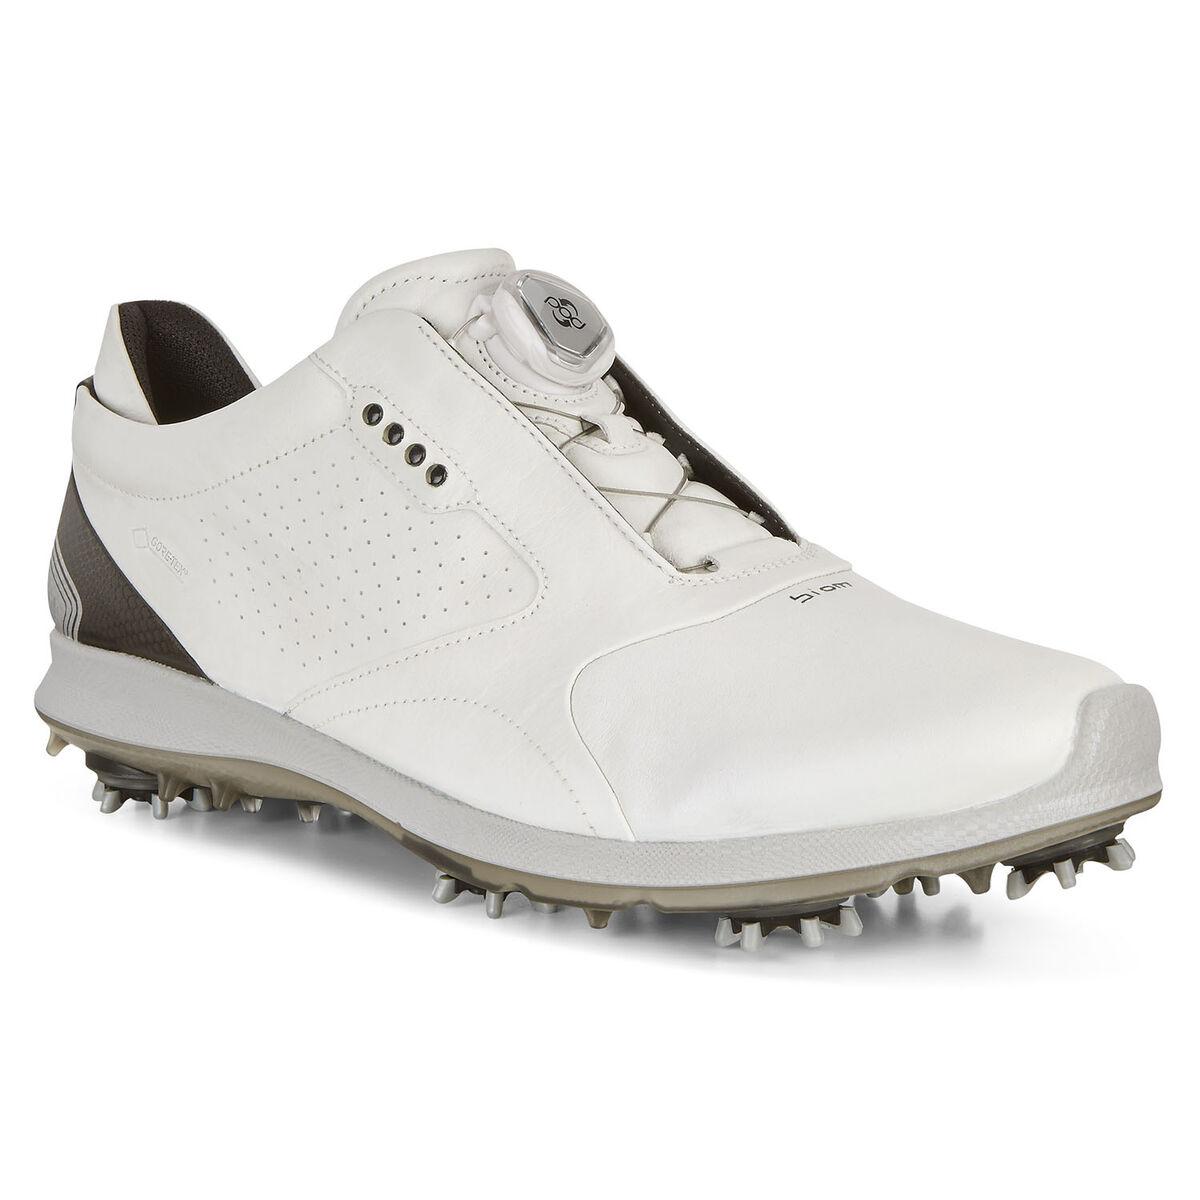 7366007e88 BIOM G2 BOA Men's Golf Shoe - White/Black